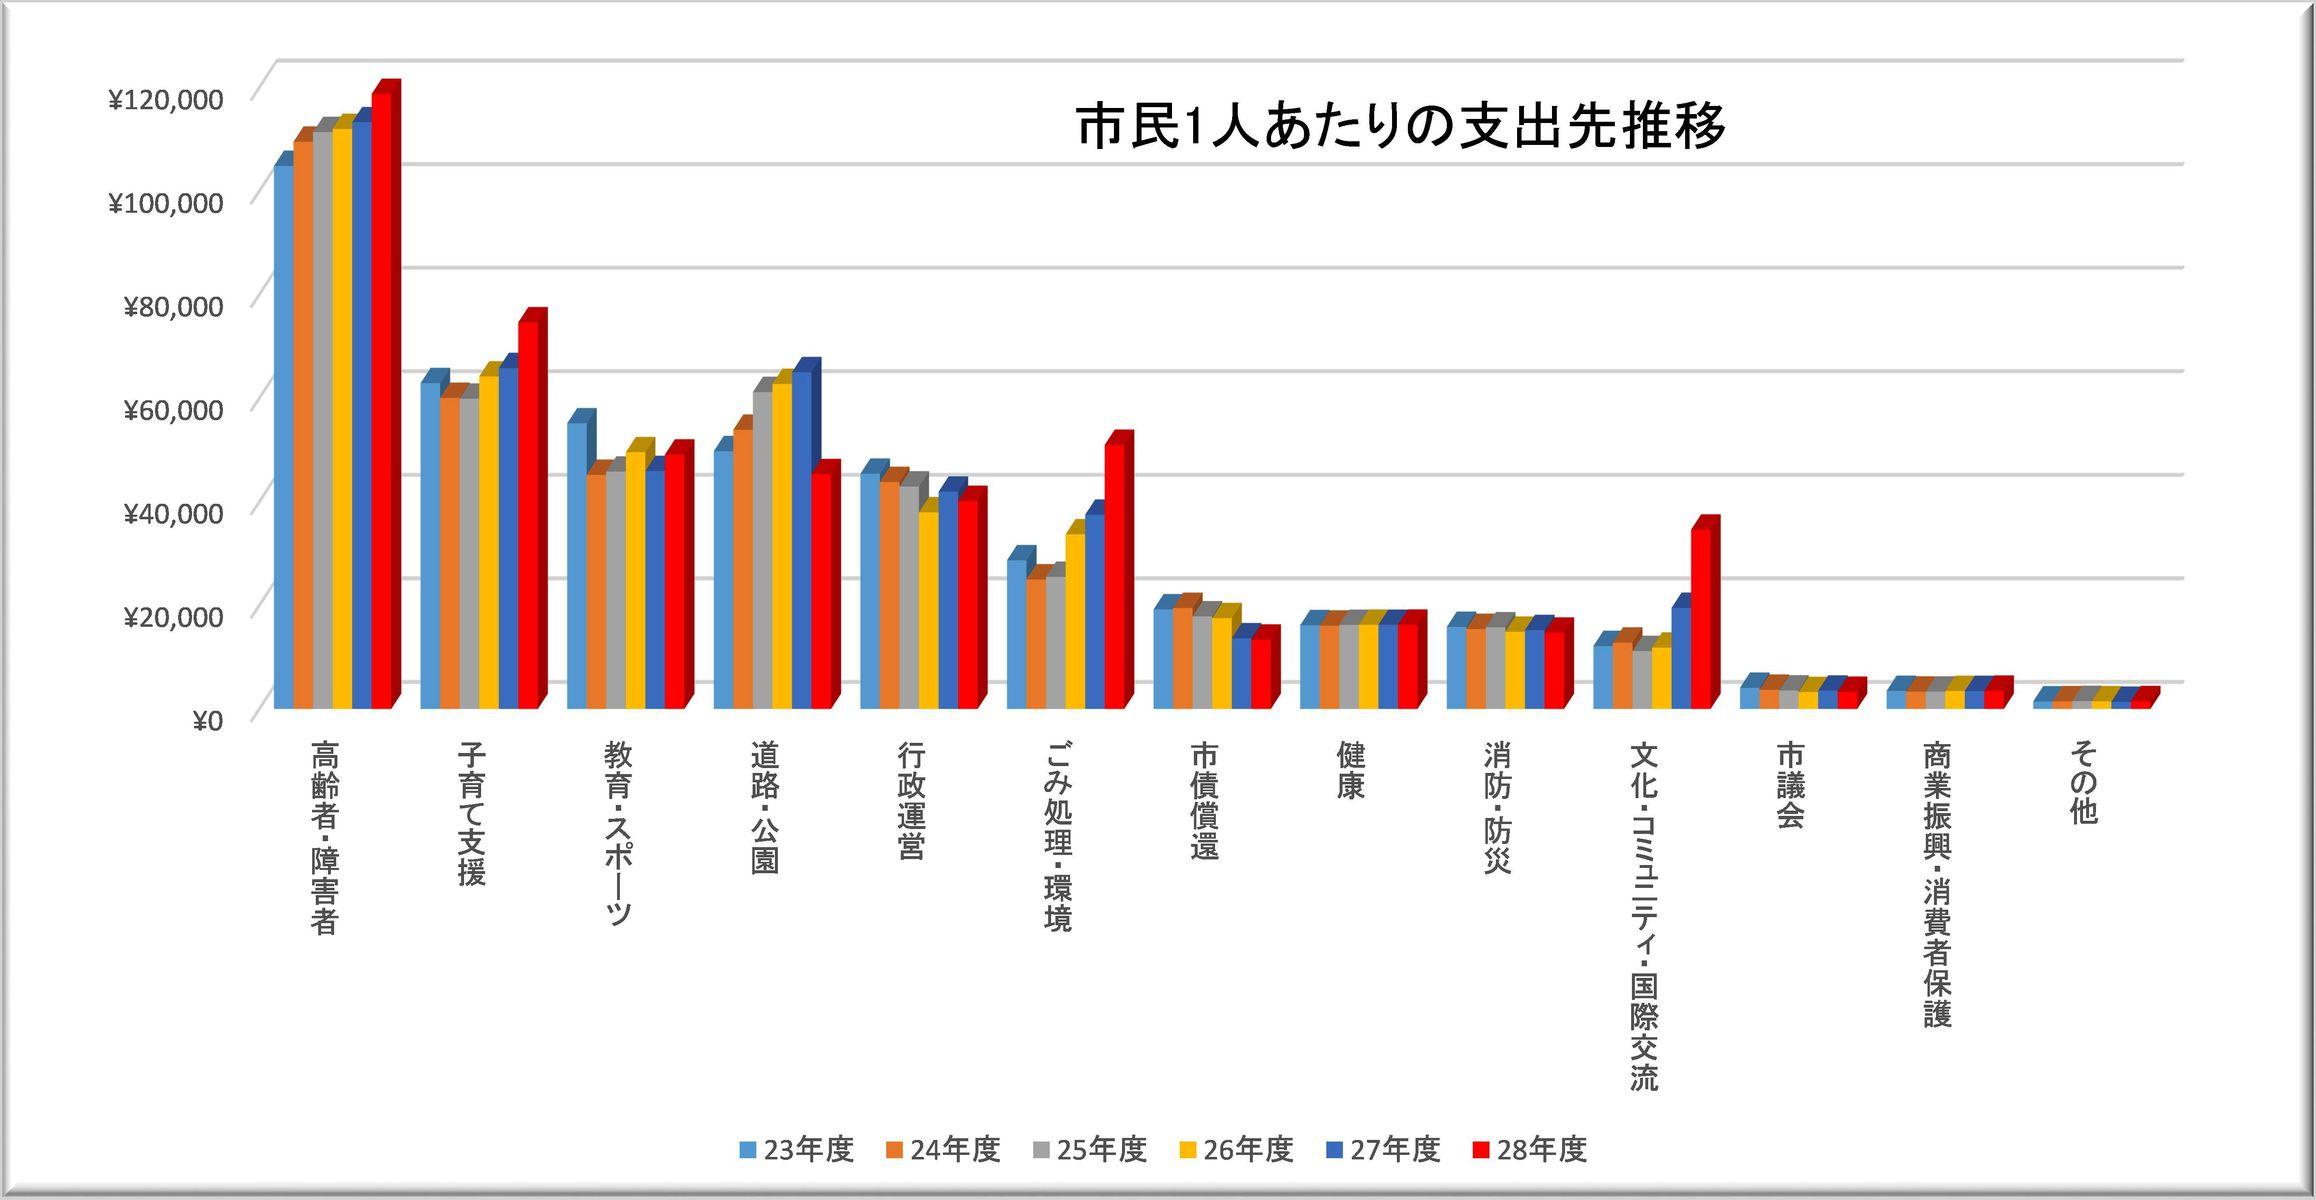 武蔵野市議 川名ゆうじ blog予算は何に使っている? 市民1人あたりの推移トラックバック